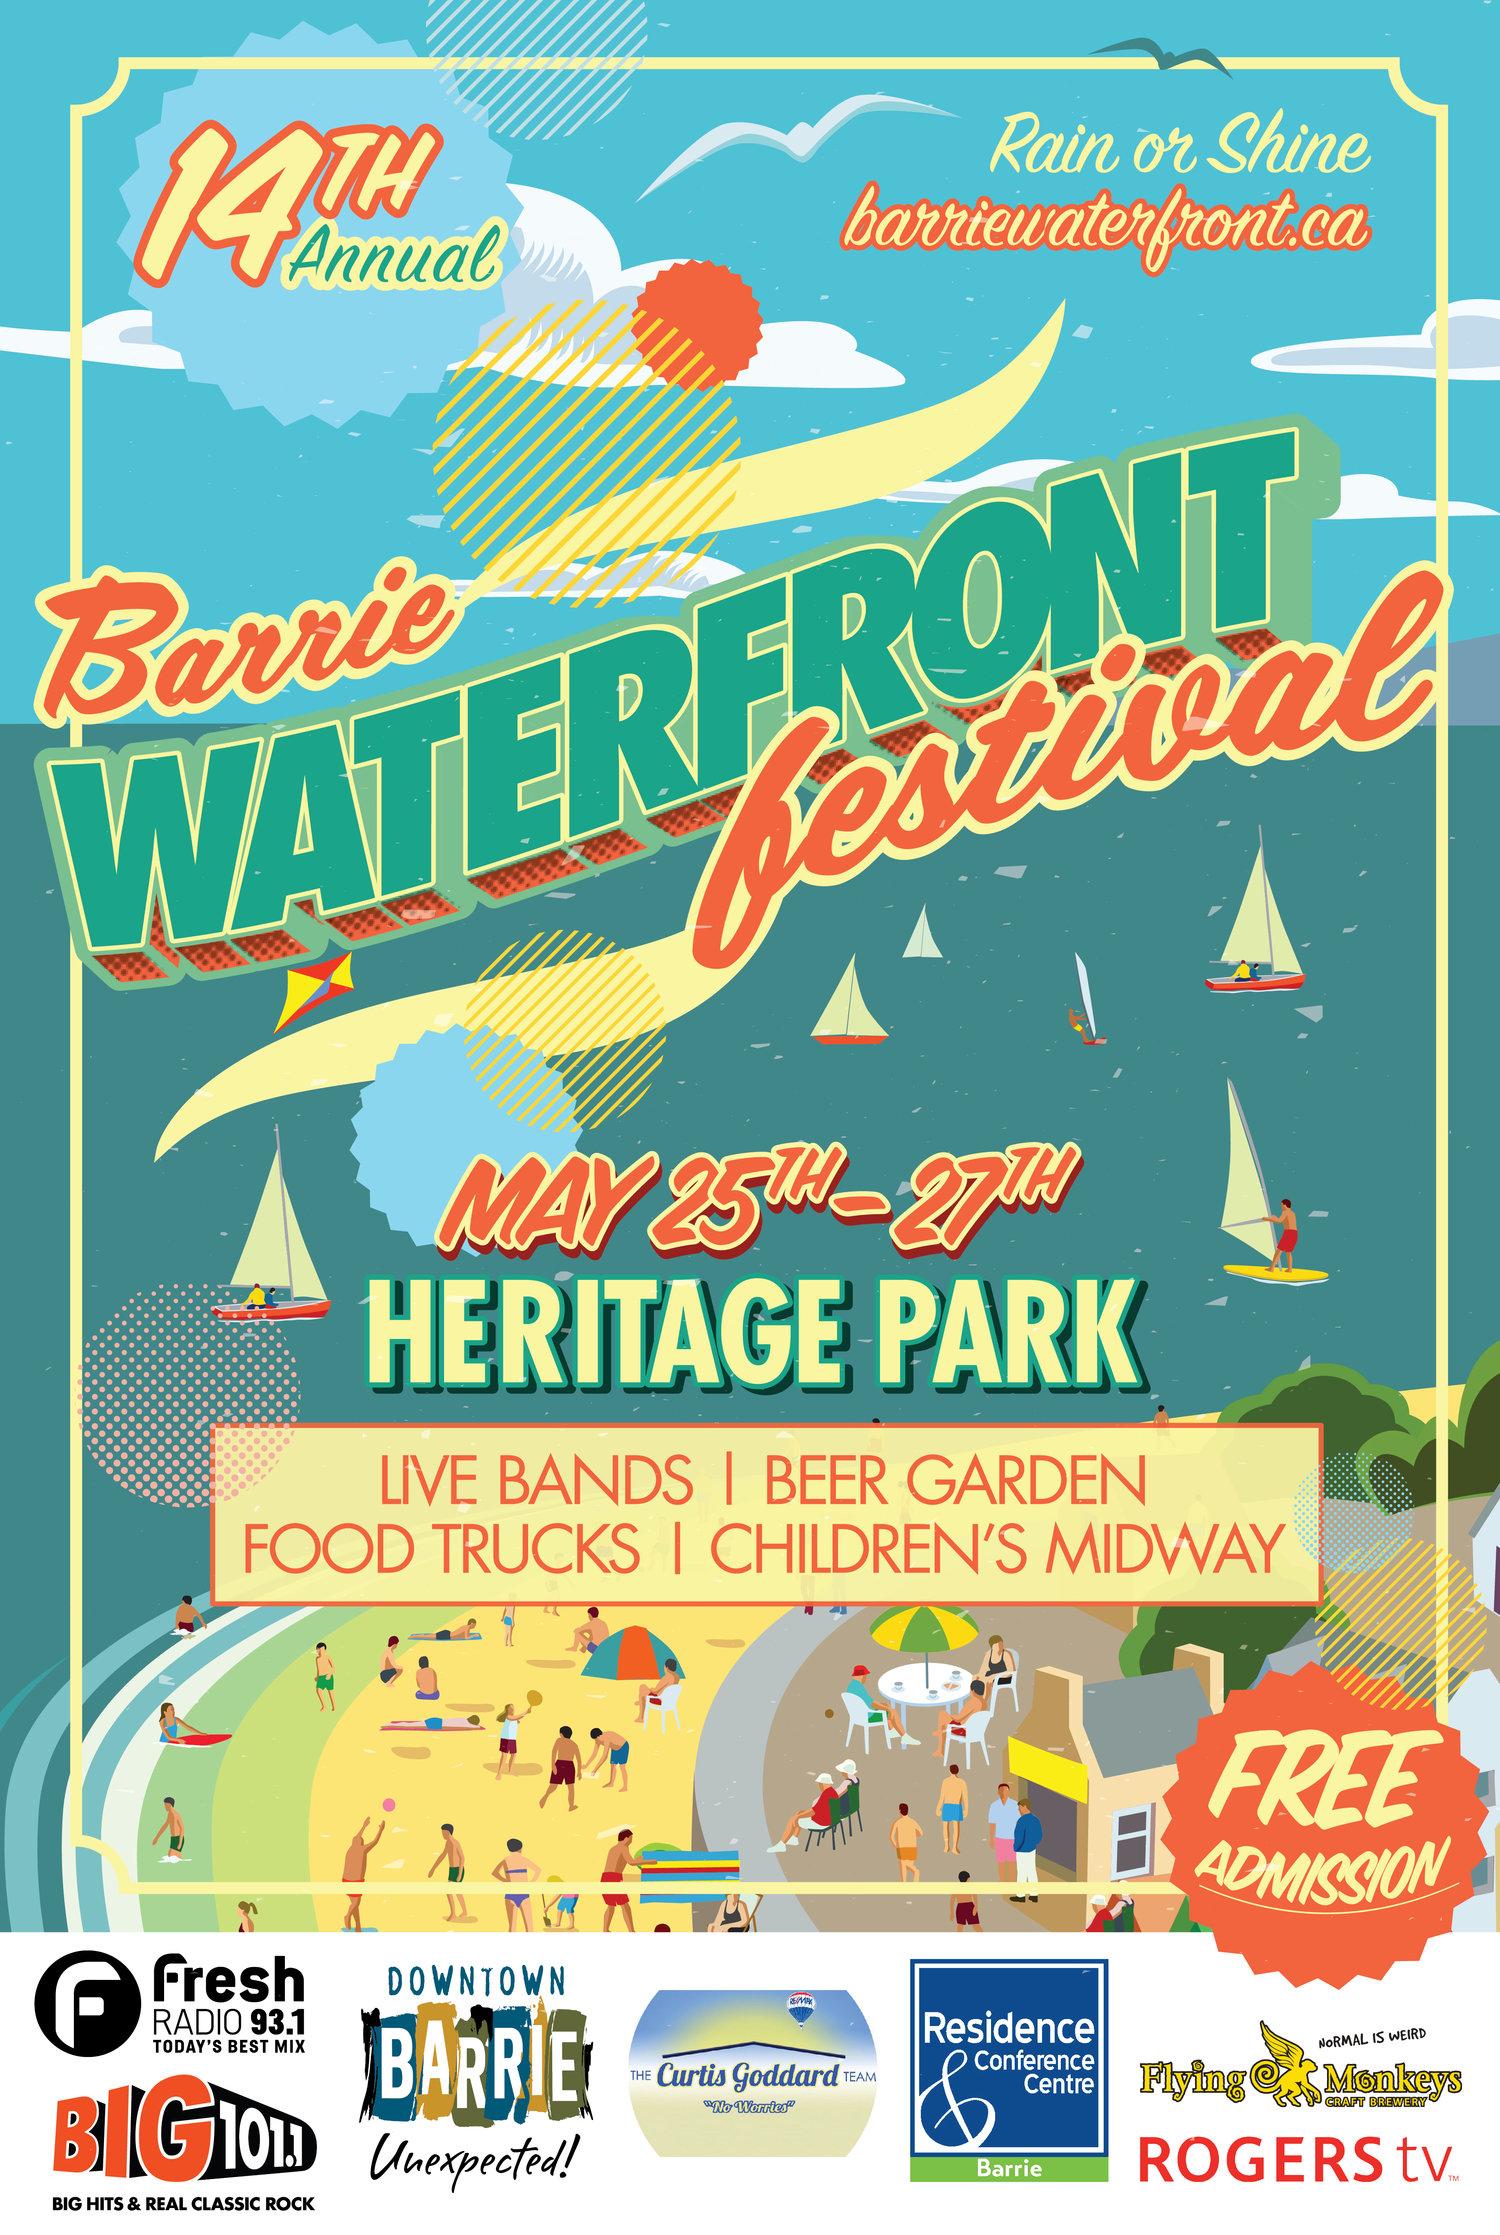 Barrie+Waterfront+Festivak.jpeg